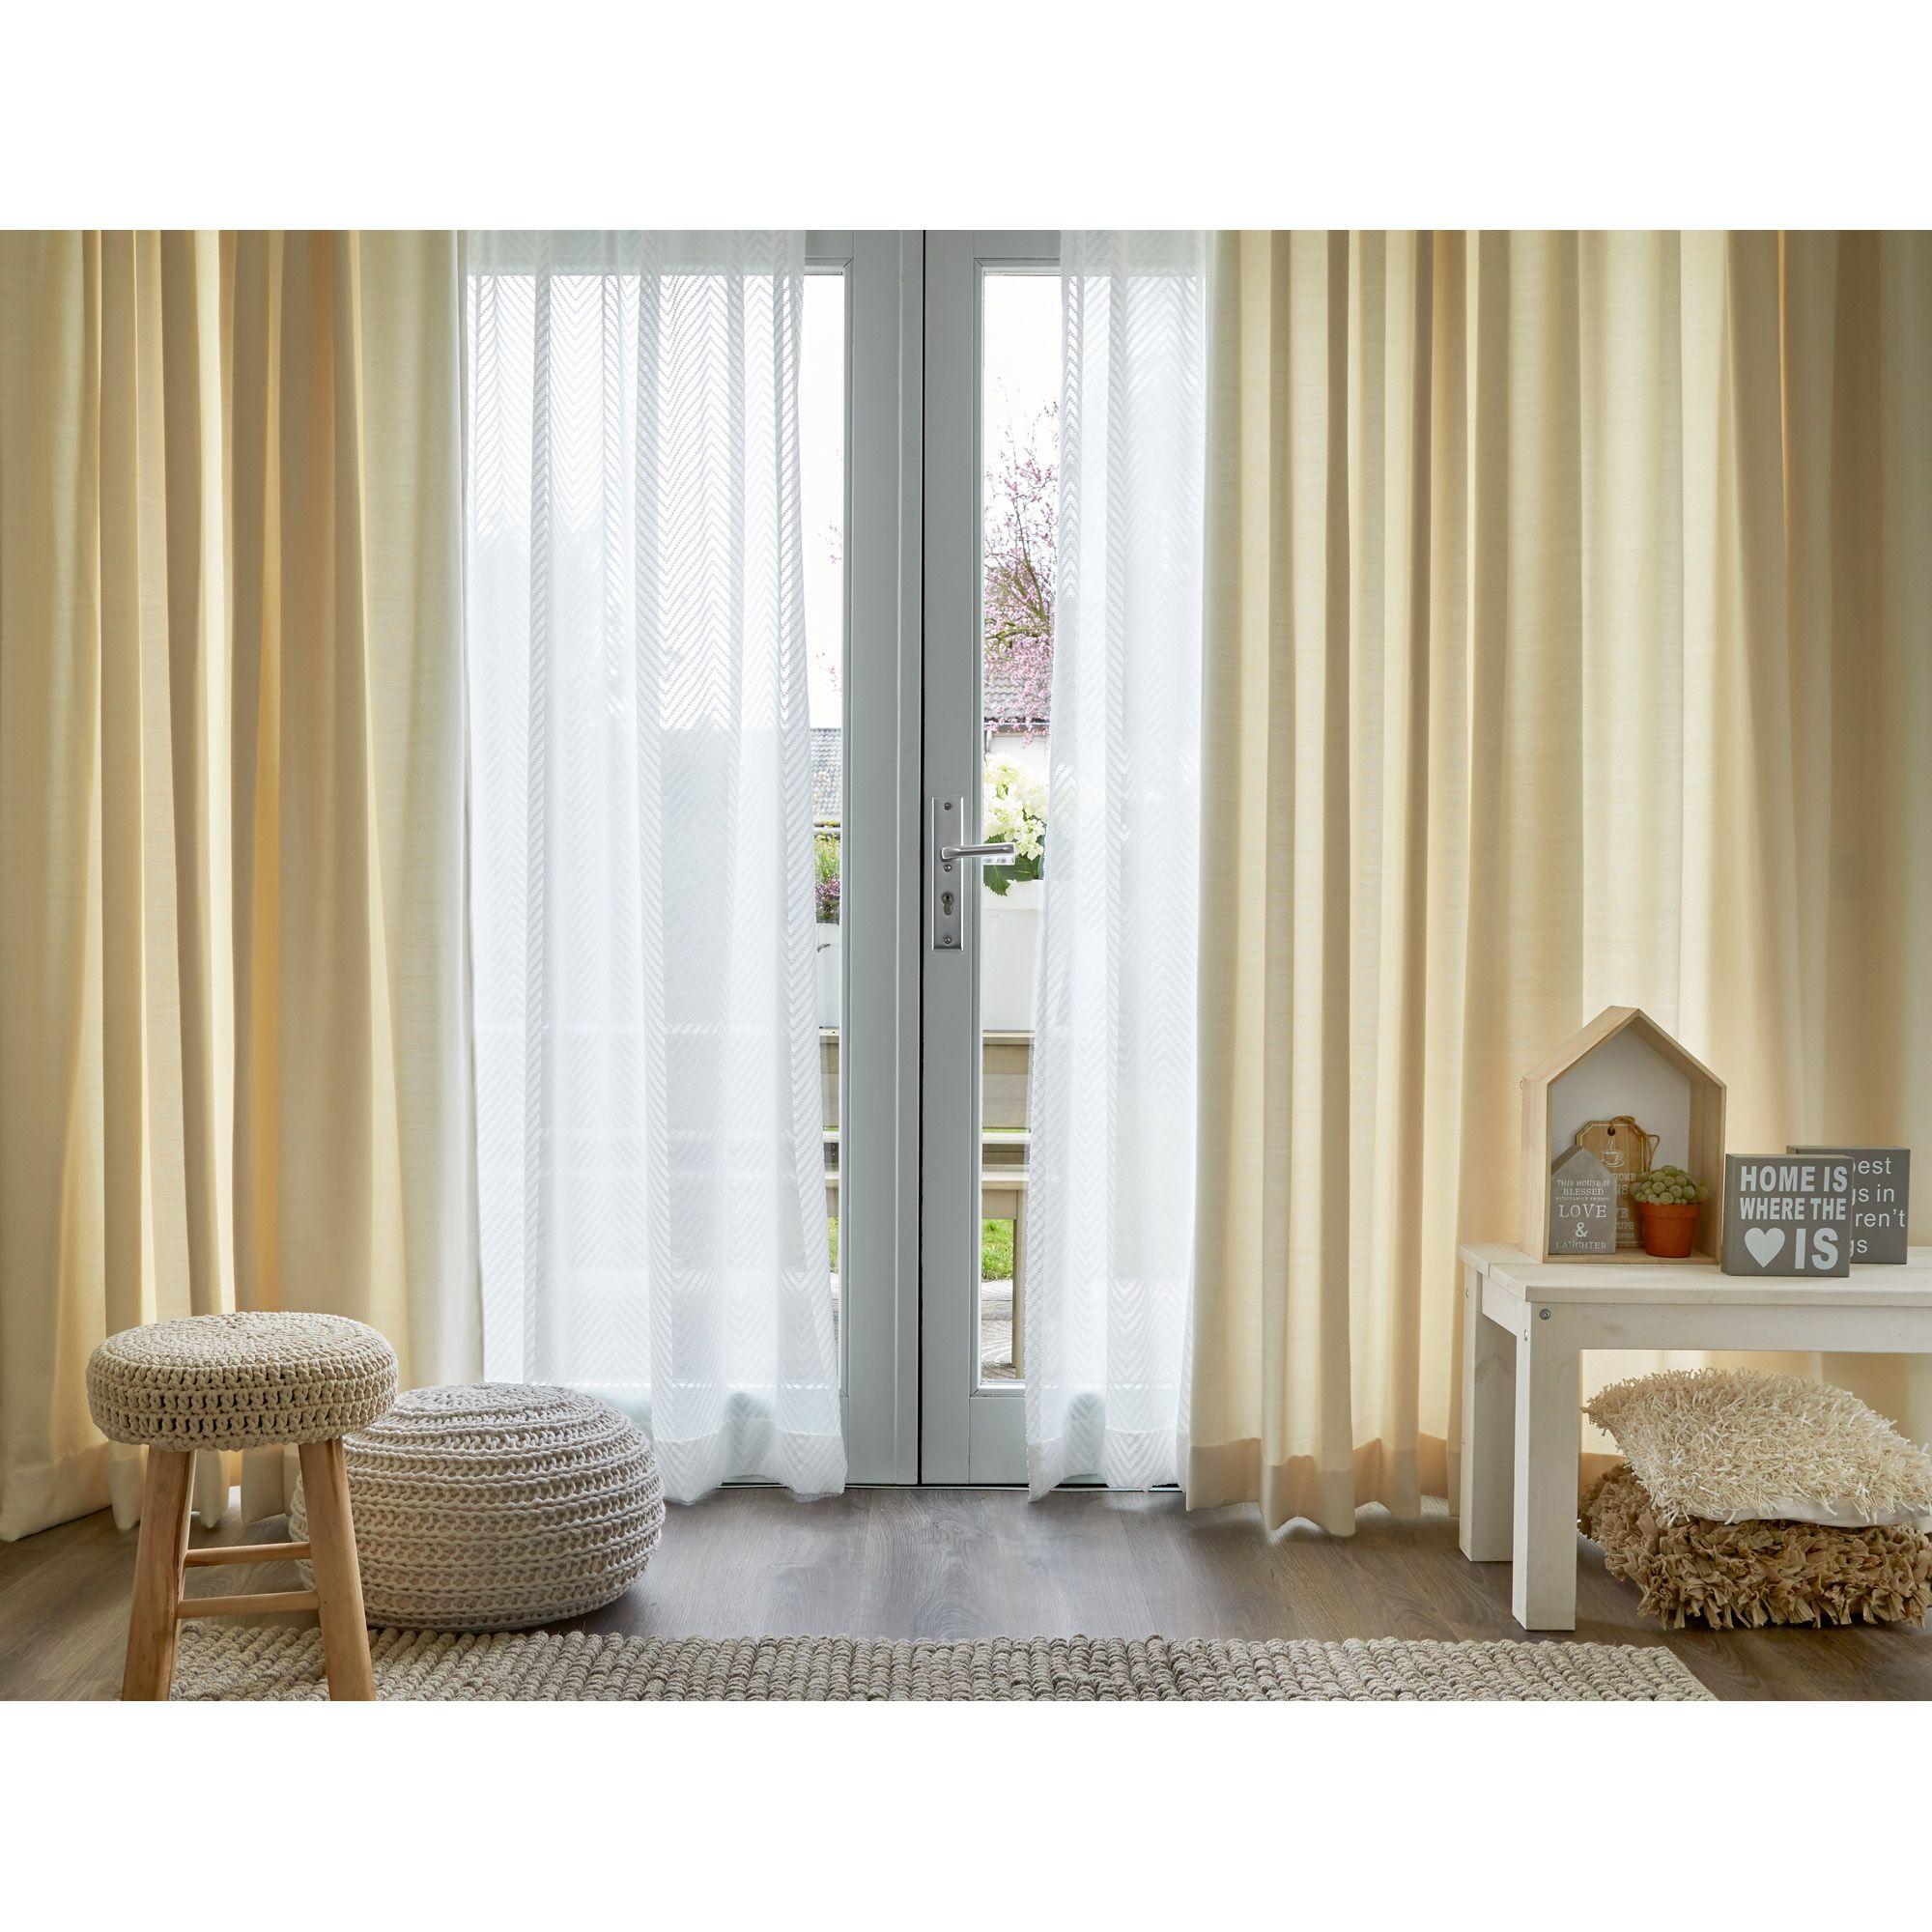 Lekker licht gordijnen raambekleding - Ouderlijke doucheruimte kleedkamer volgende ...